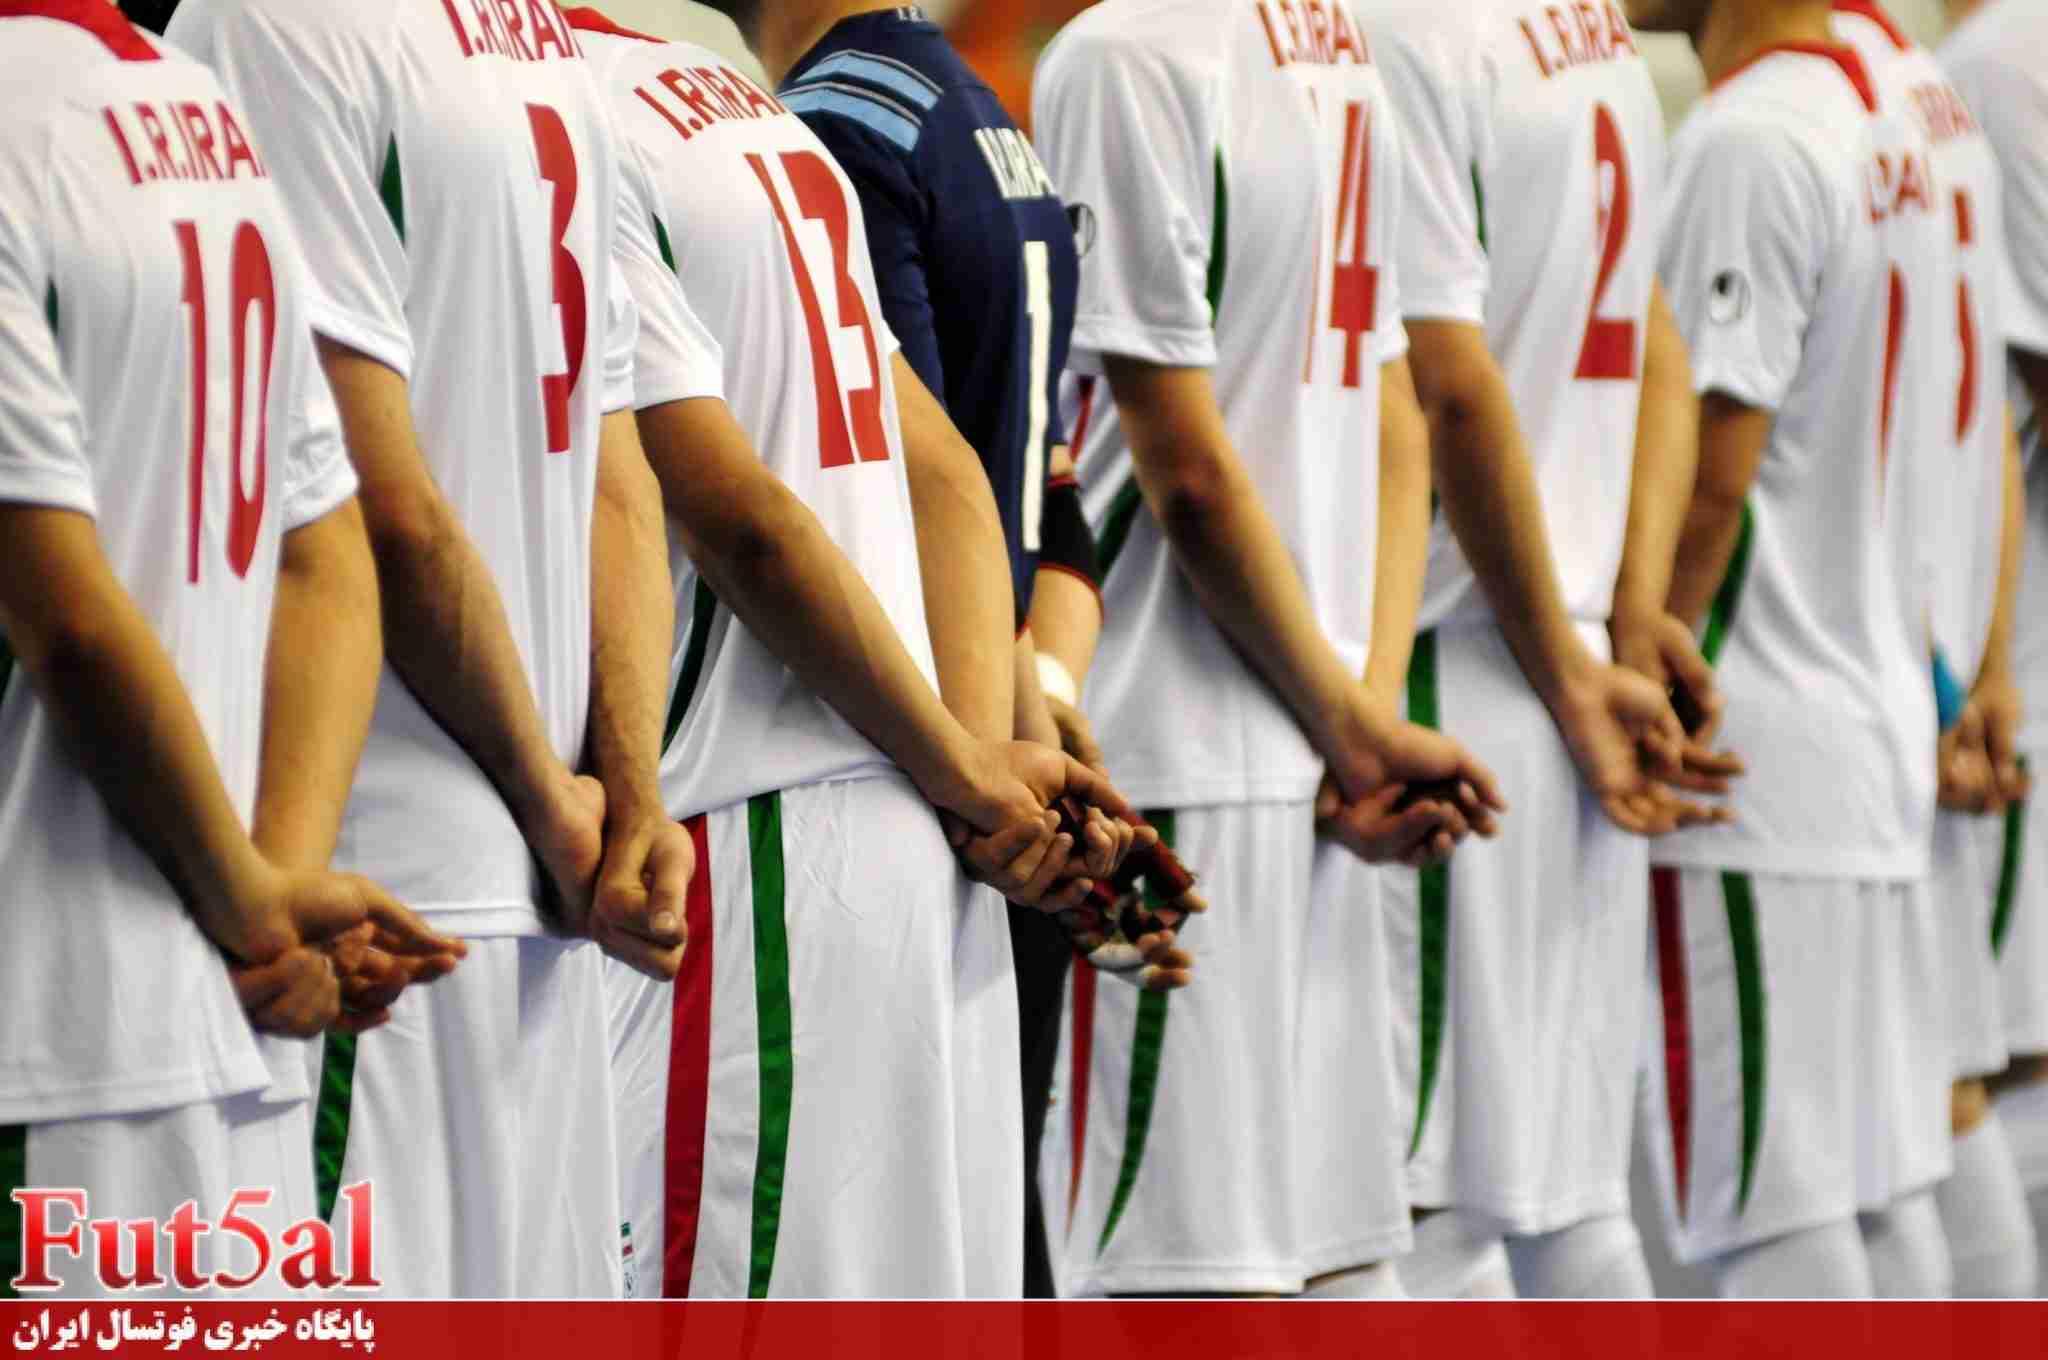 ردپای یکی از نزدیکان خسوس در انتخاب بازیکنان و مربیان تیم ملی!